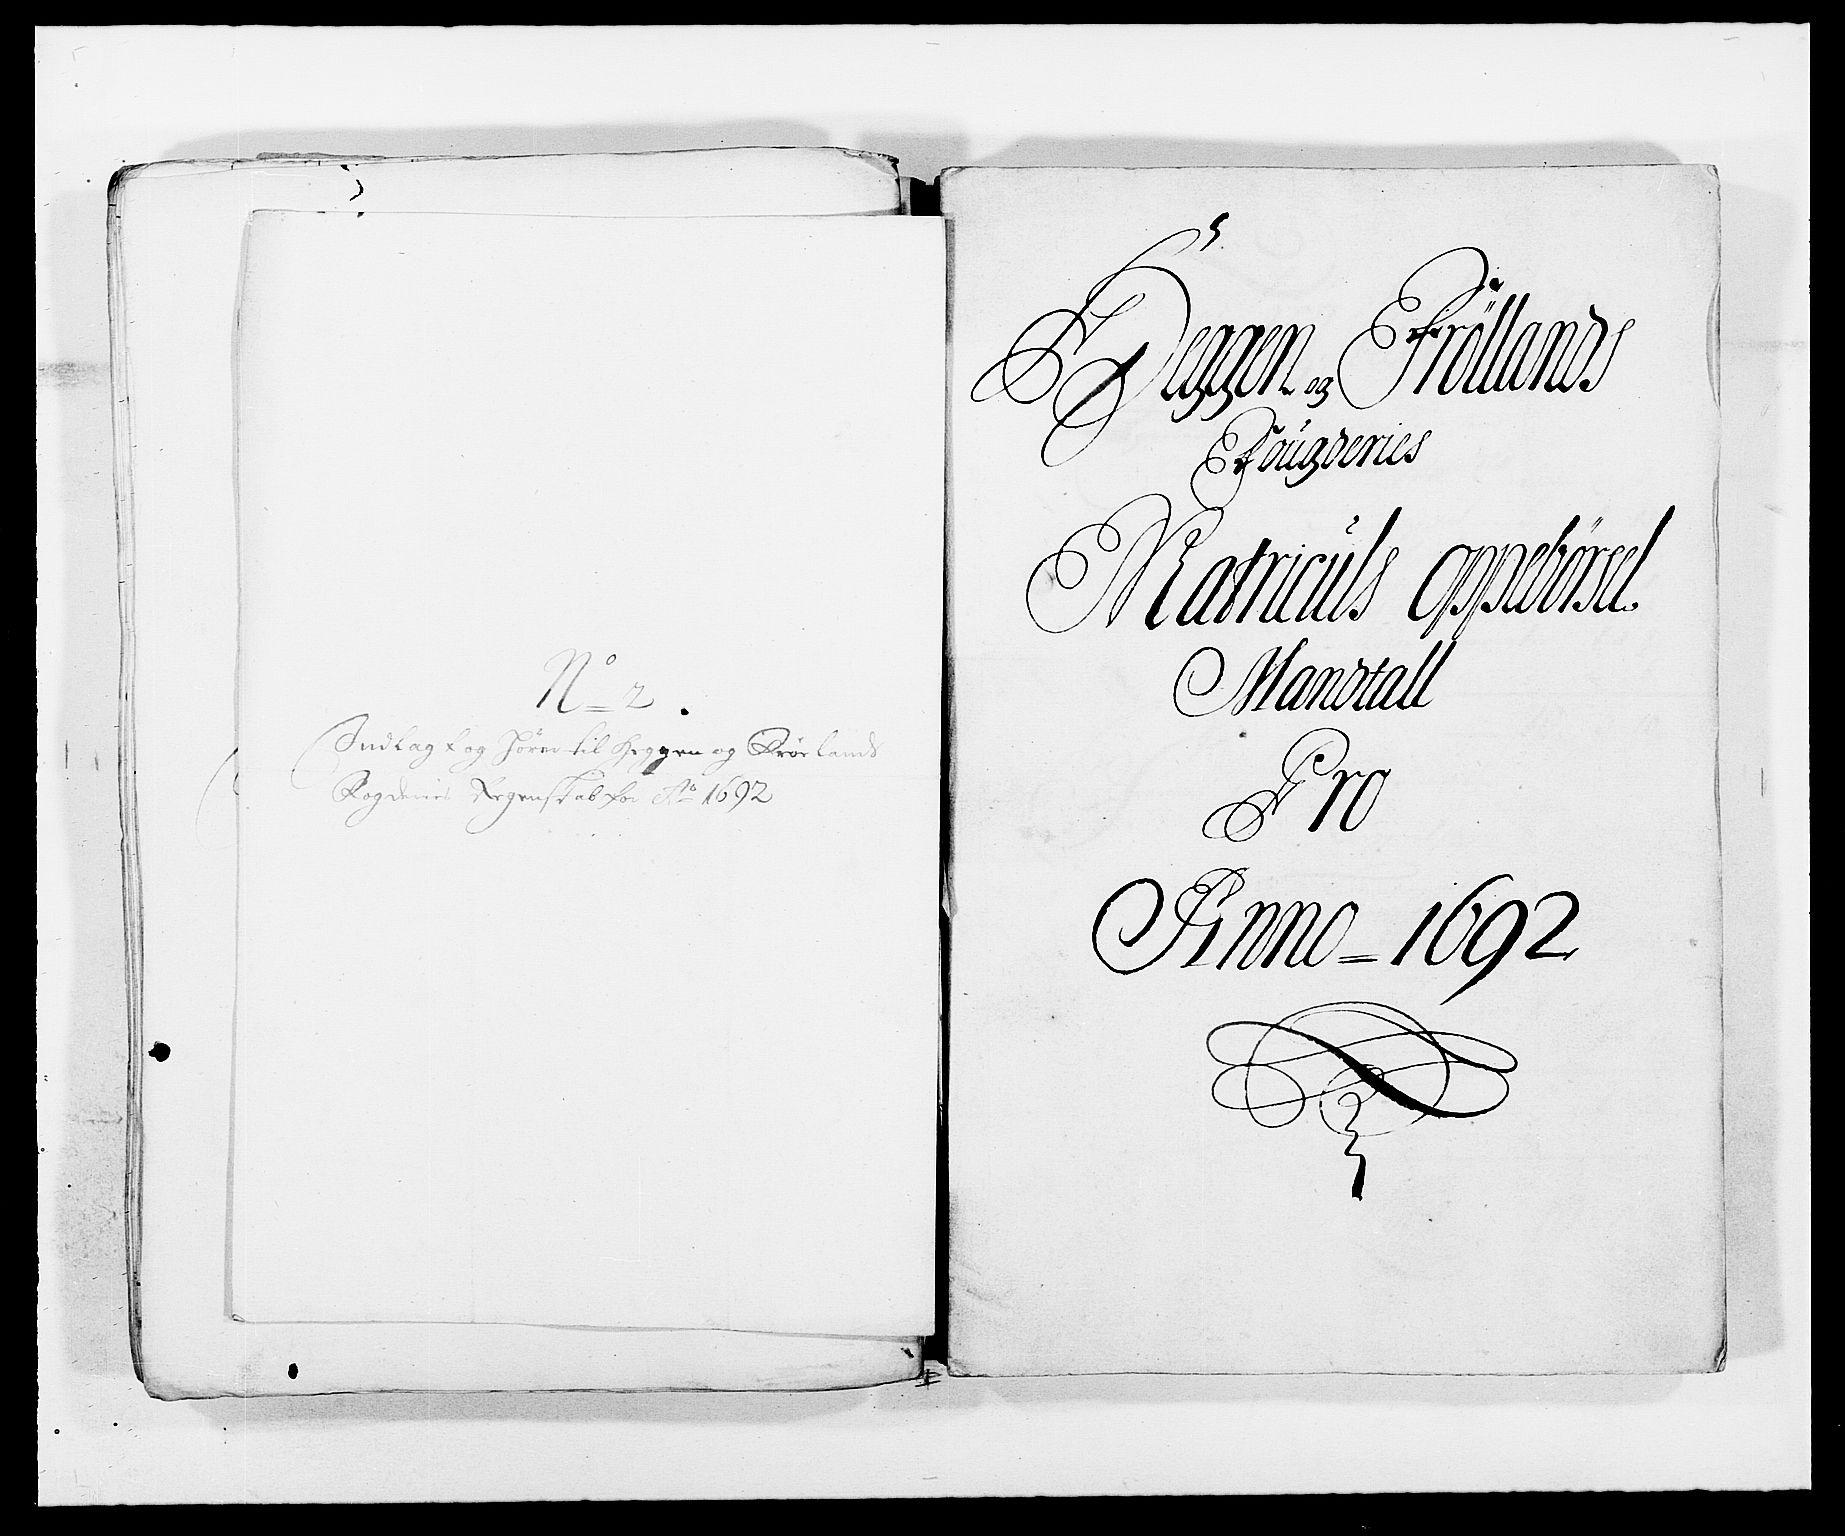 RA, Rentekammeret inntil 1814, Reviderte regnskaper, Fogderegnskap, R06/L0283: Fogderegnskap Heggen og Frøland, 1691-1693, s. 145